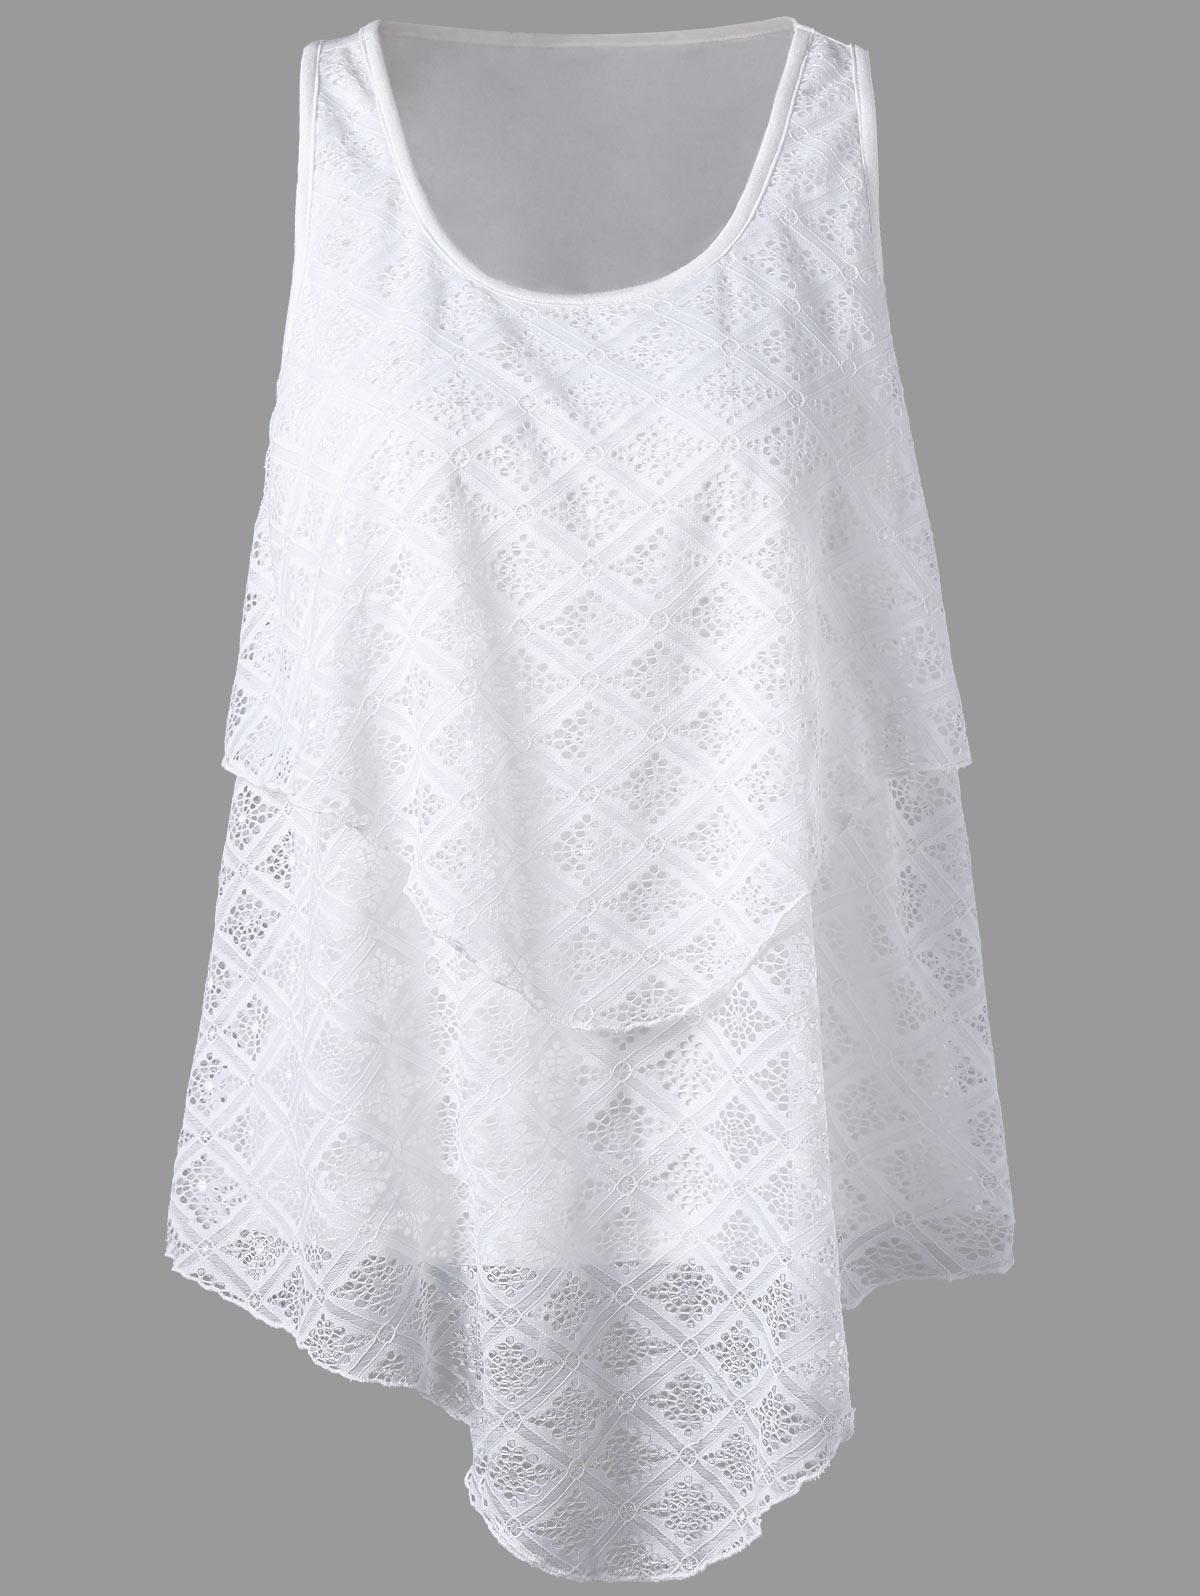 2017爆款女装新款ebay速卖通不规则下摆无袖圆领蕾丝上衣T恤9119